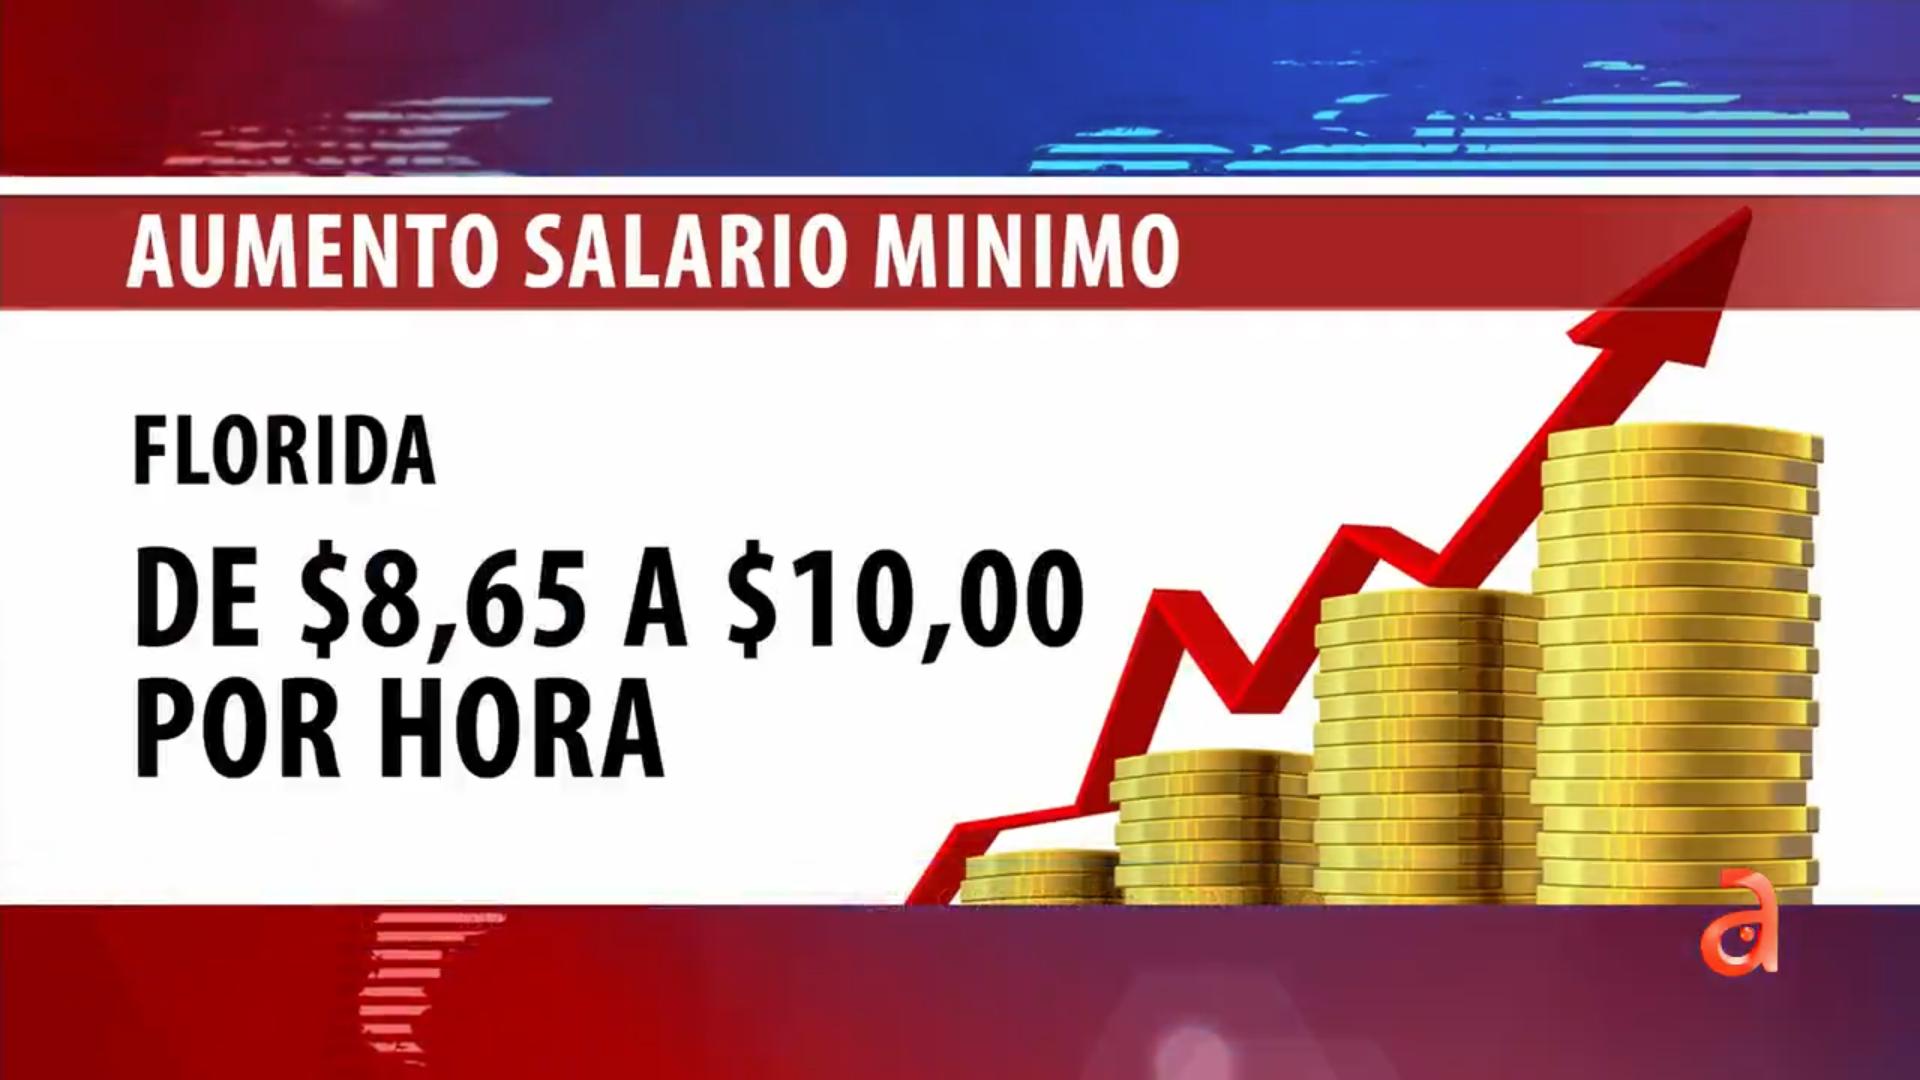 florida aumentara el salario minimo a $10 la hora a partir de este jueves